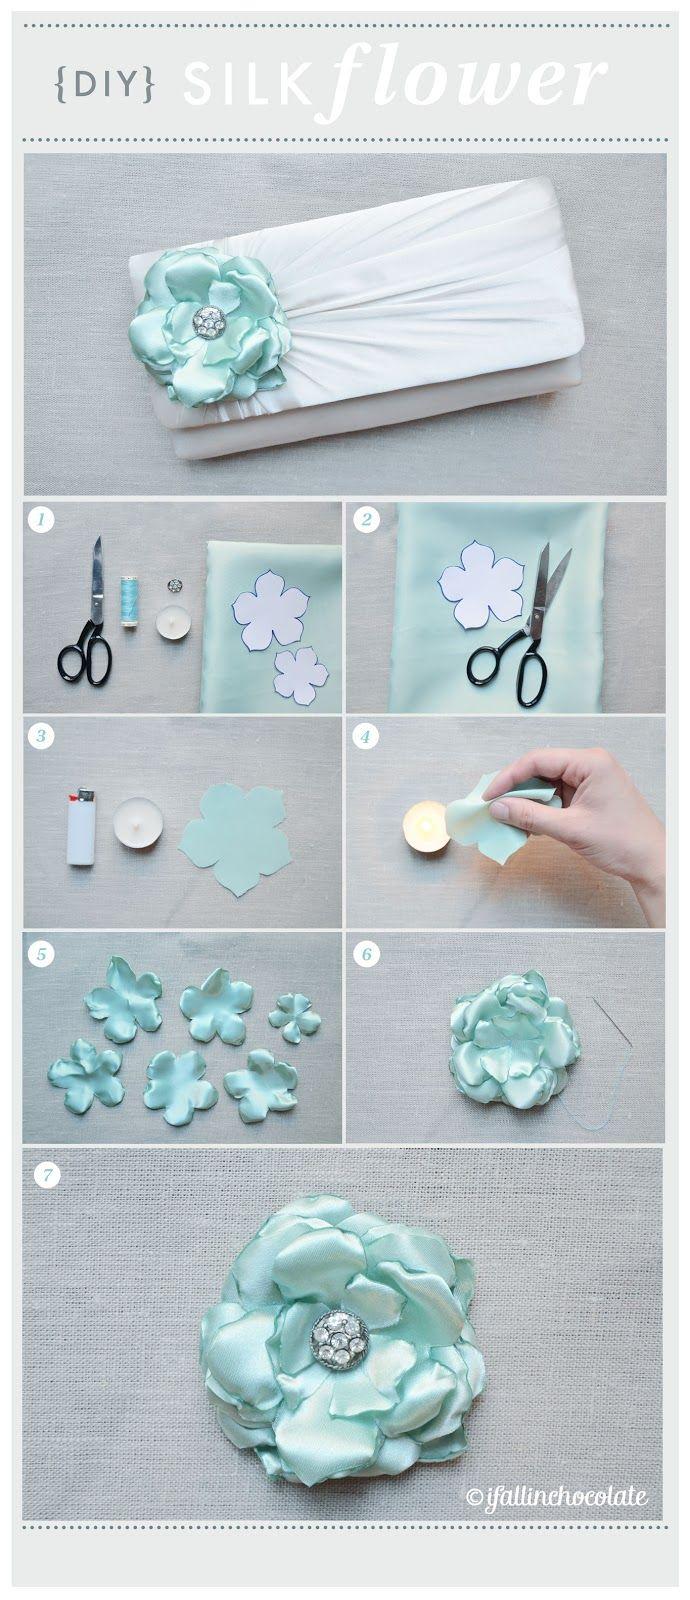 Diy silk flower instructions in italian but the photos are easy to diy silk flower instructions in italian but the photos are easy to understand mightylinksfo